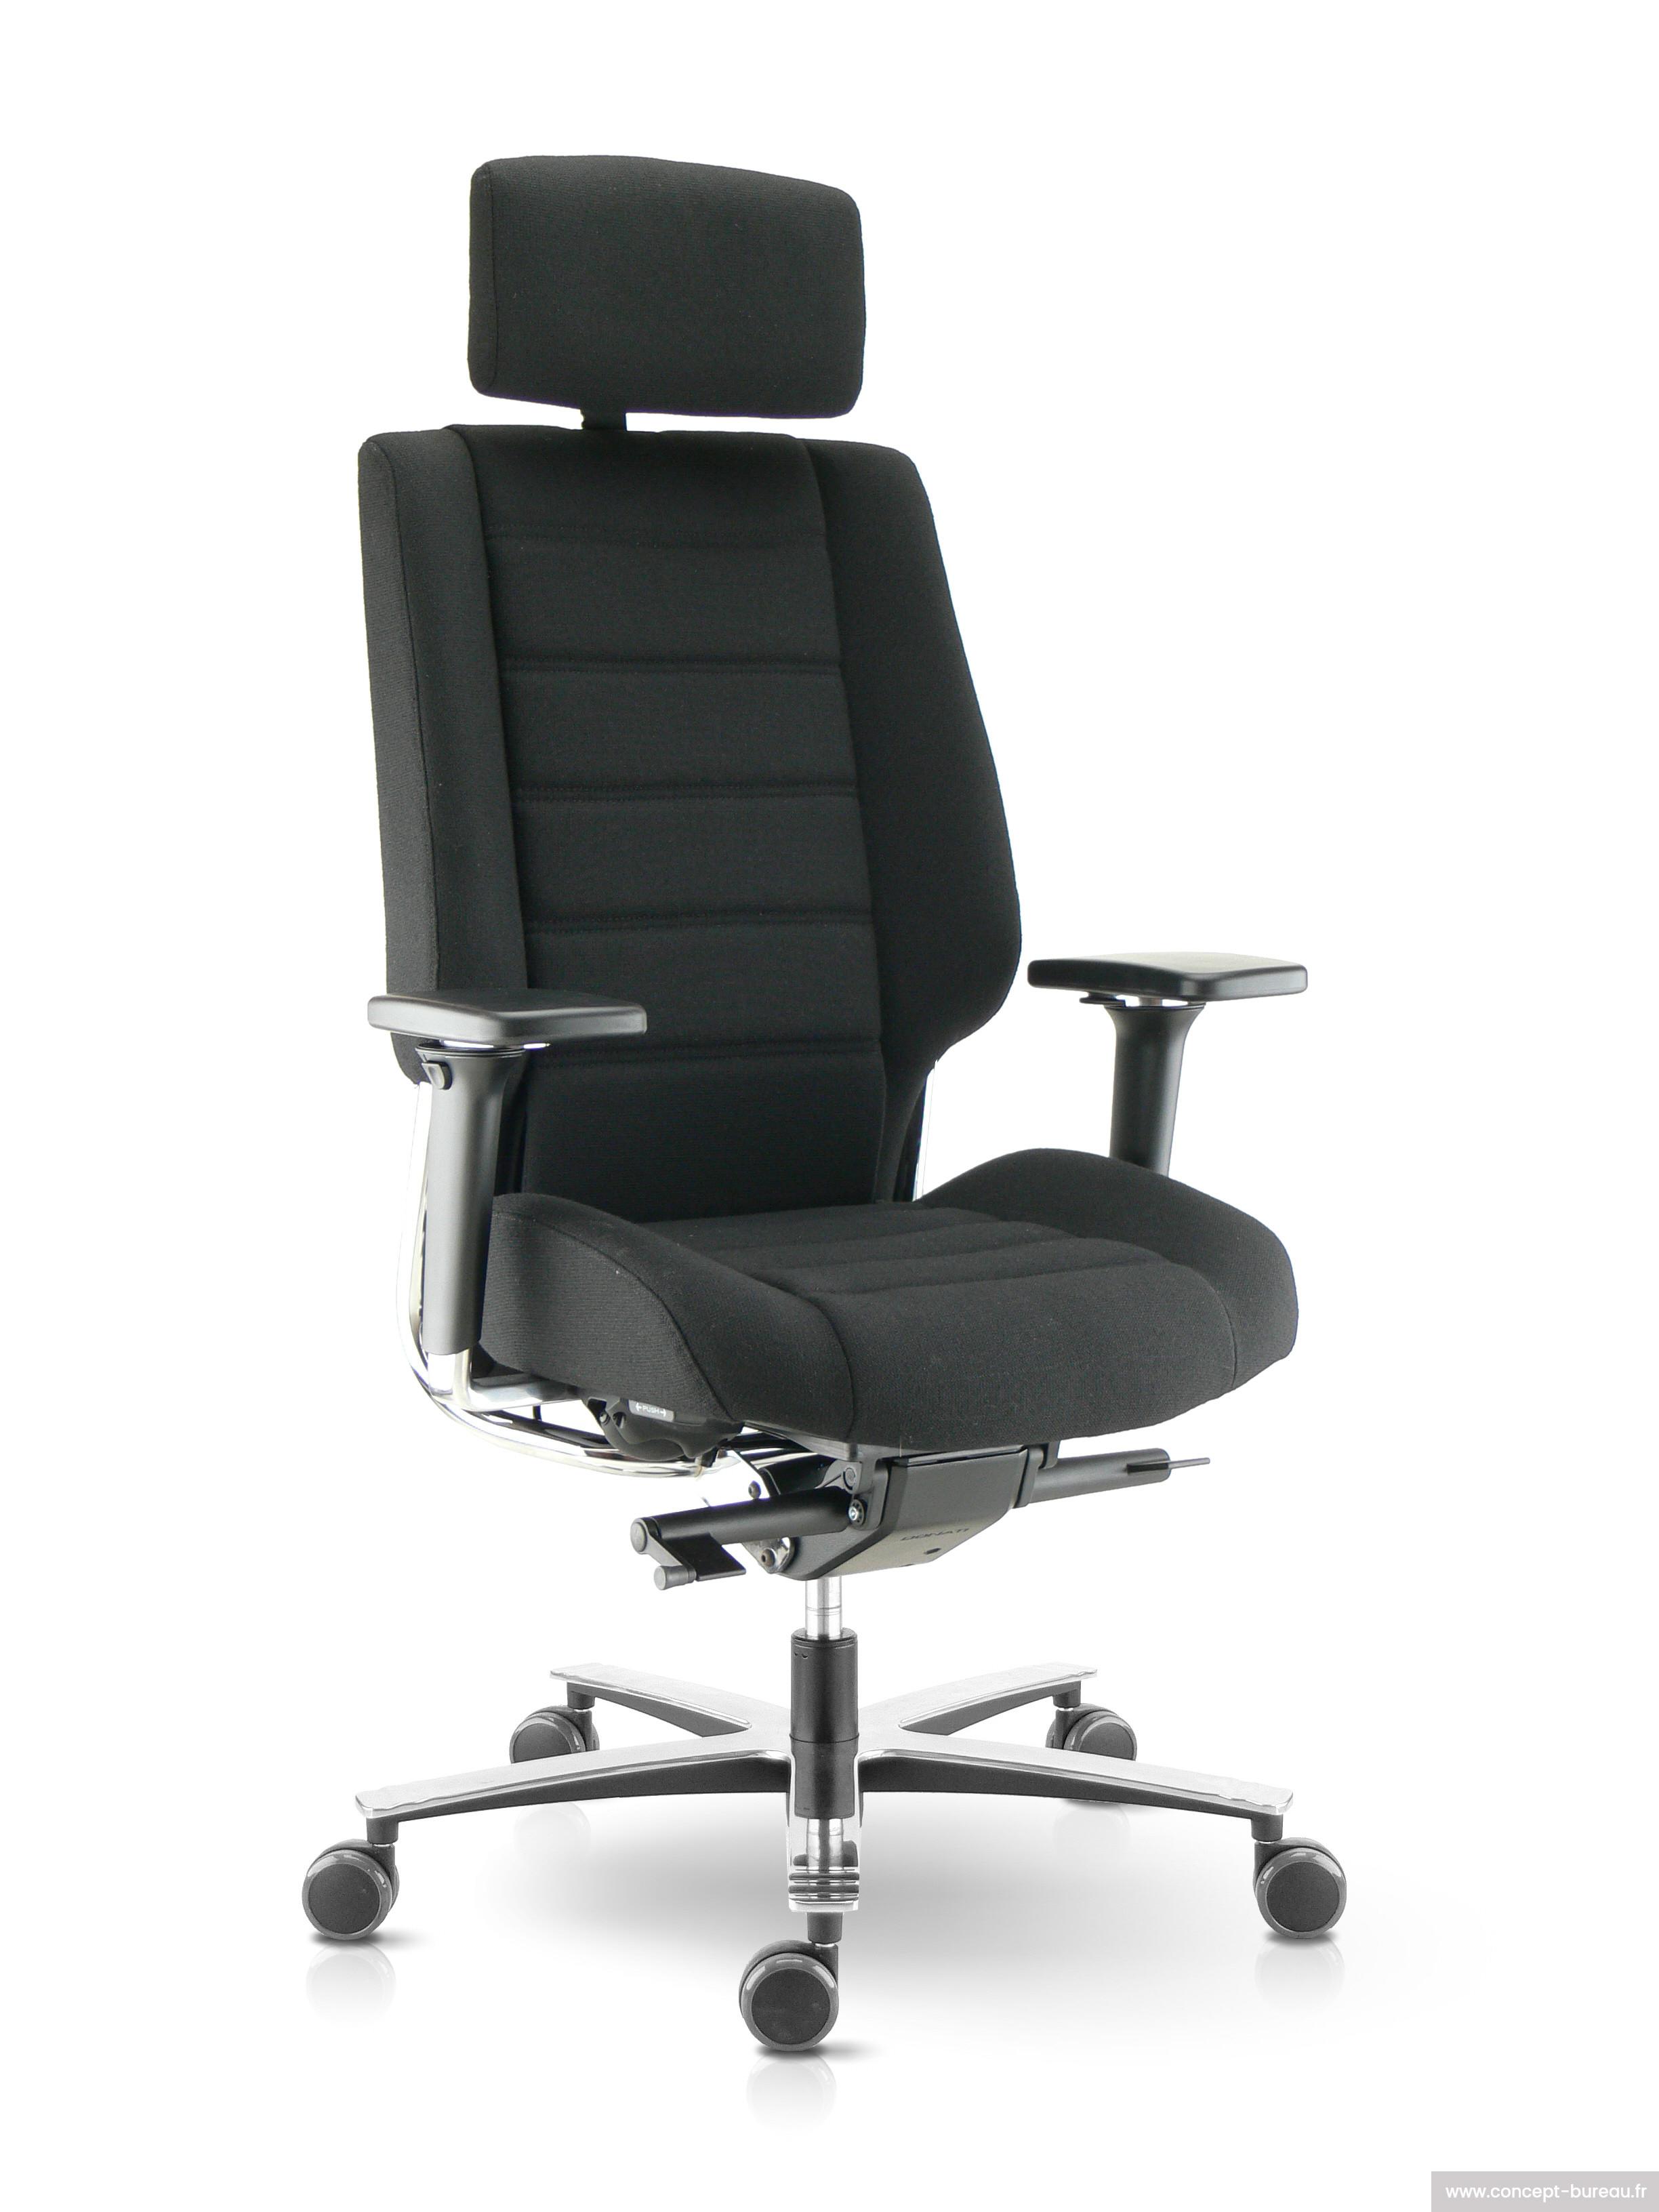 Sige de bureau confortable et design